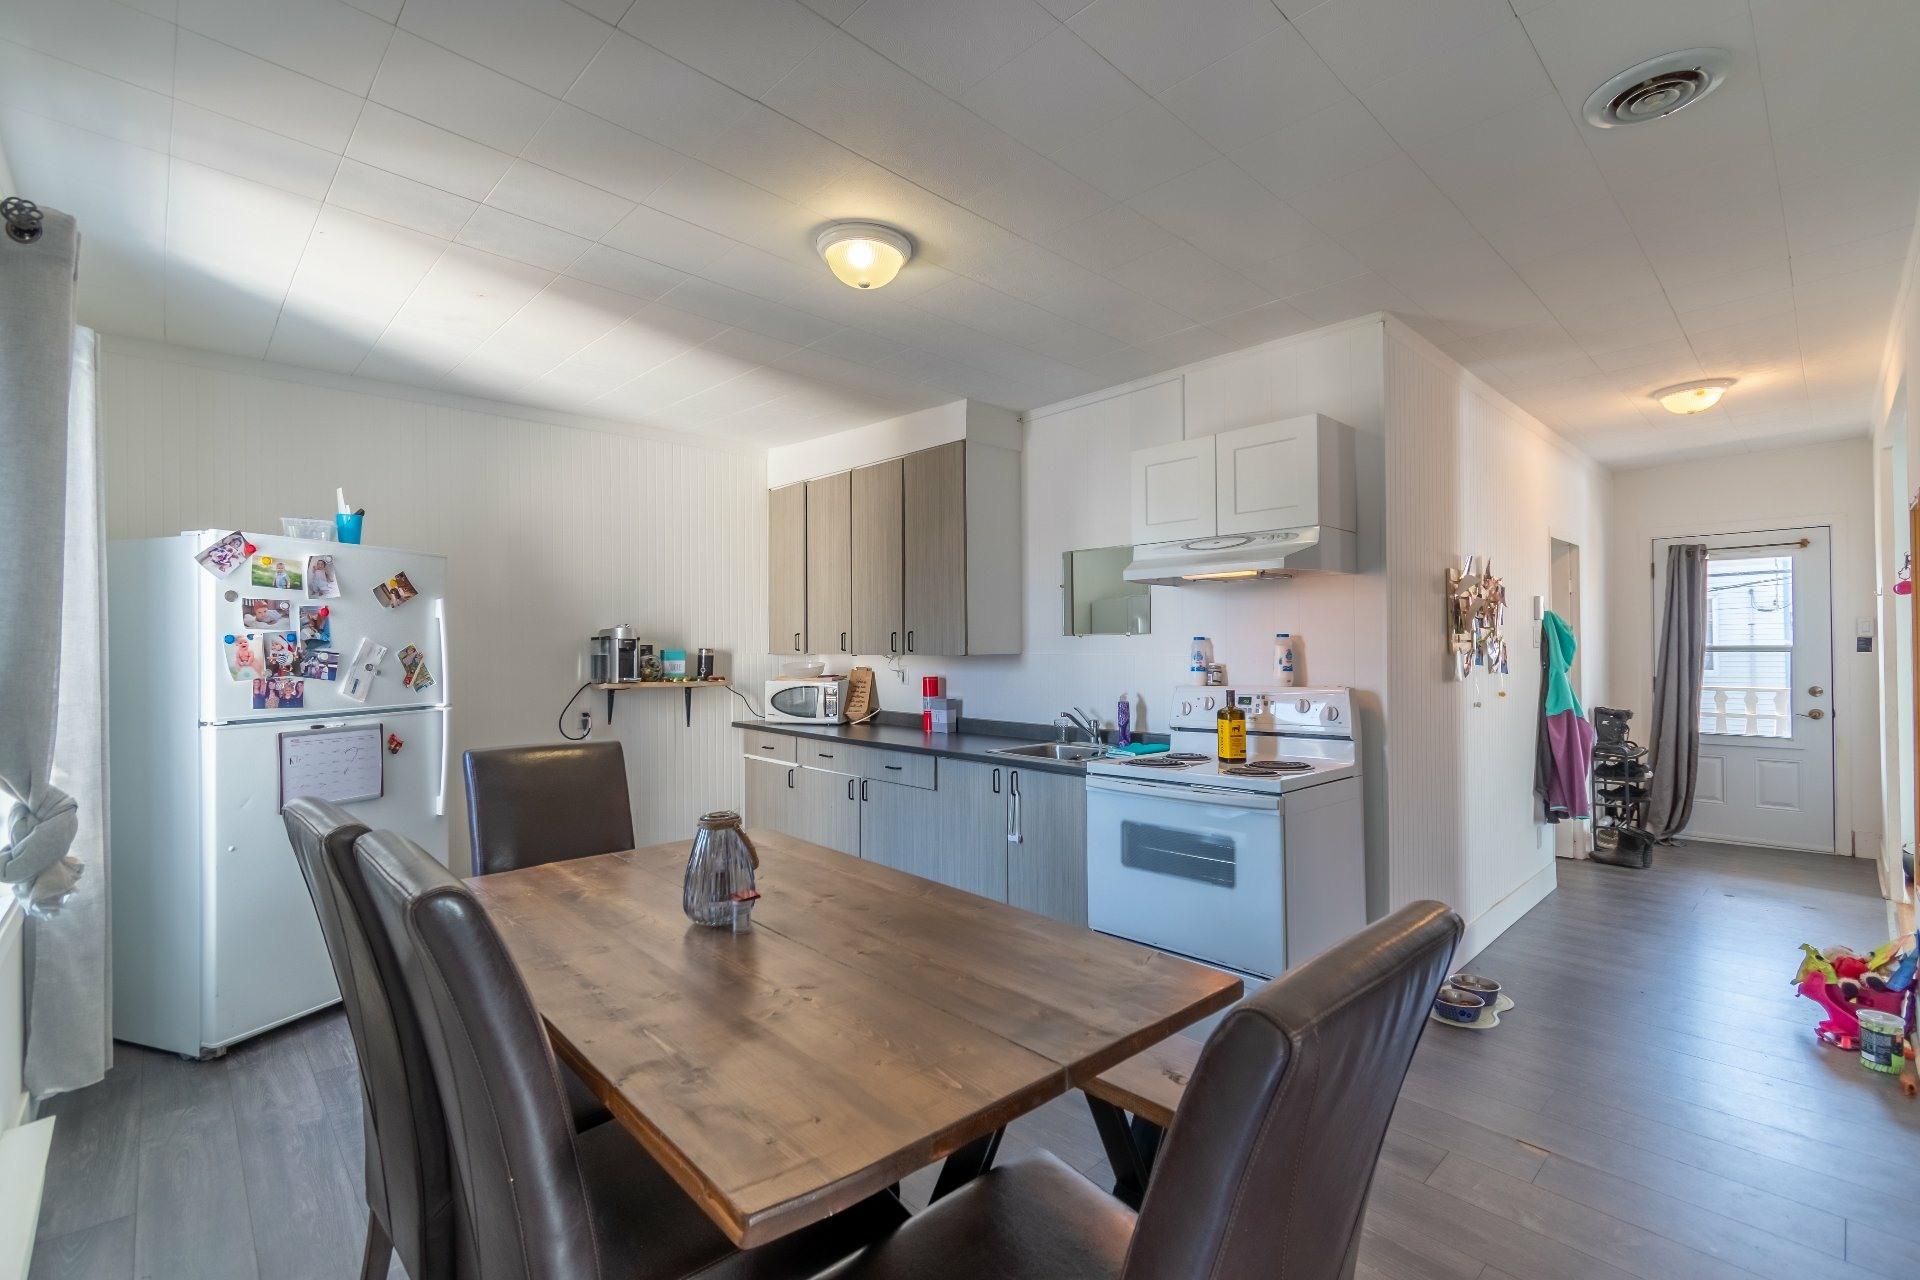 image 17 - Duplex For sale Trois-Rivières - 4 rooms